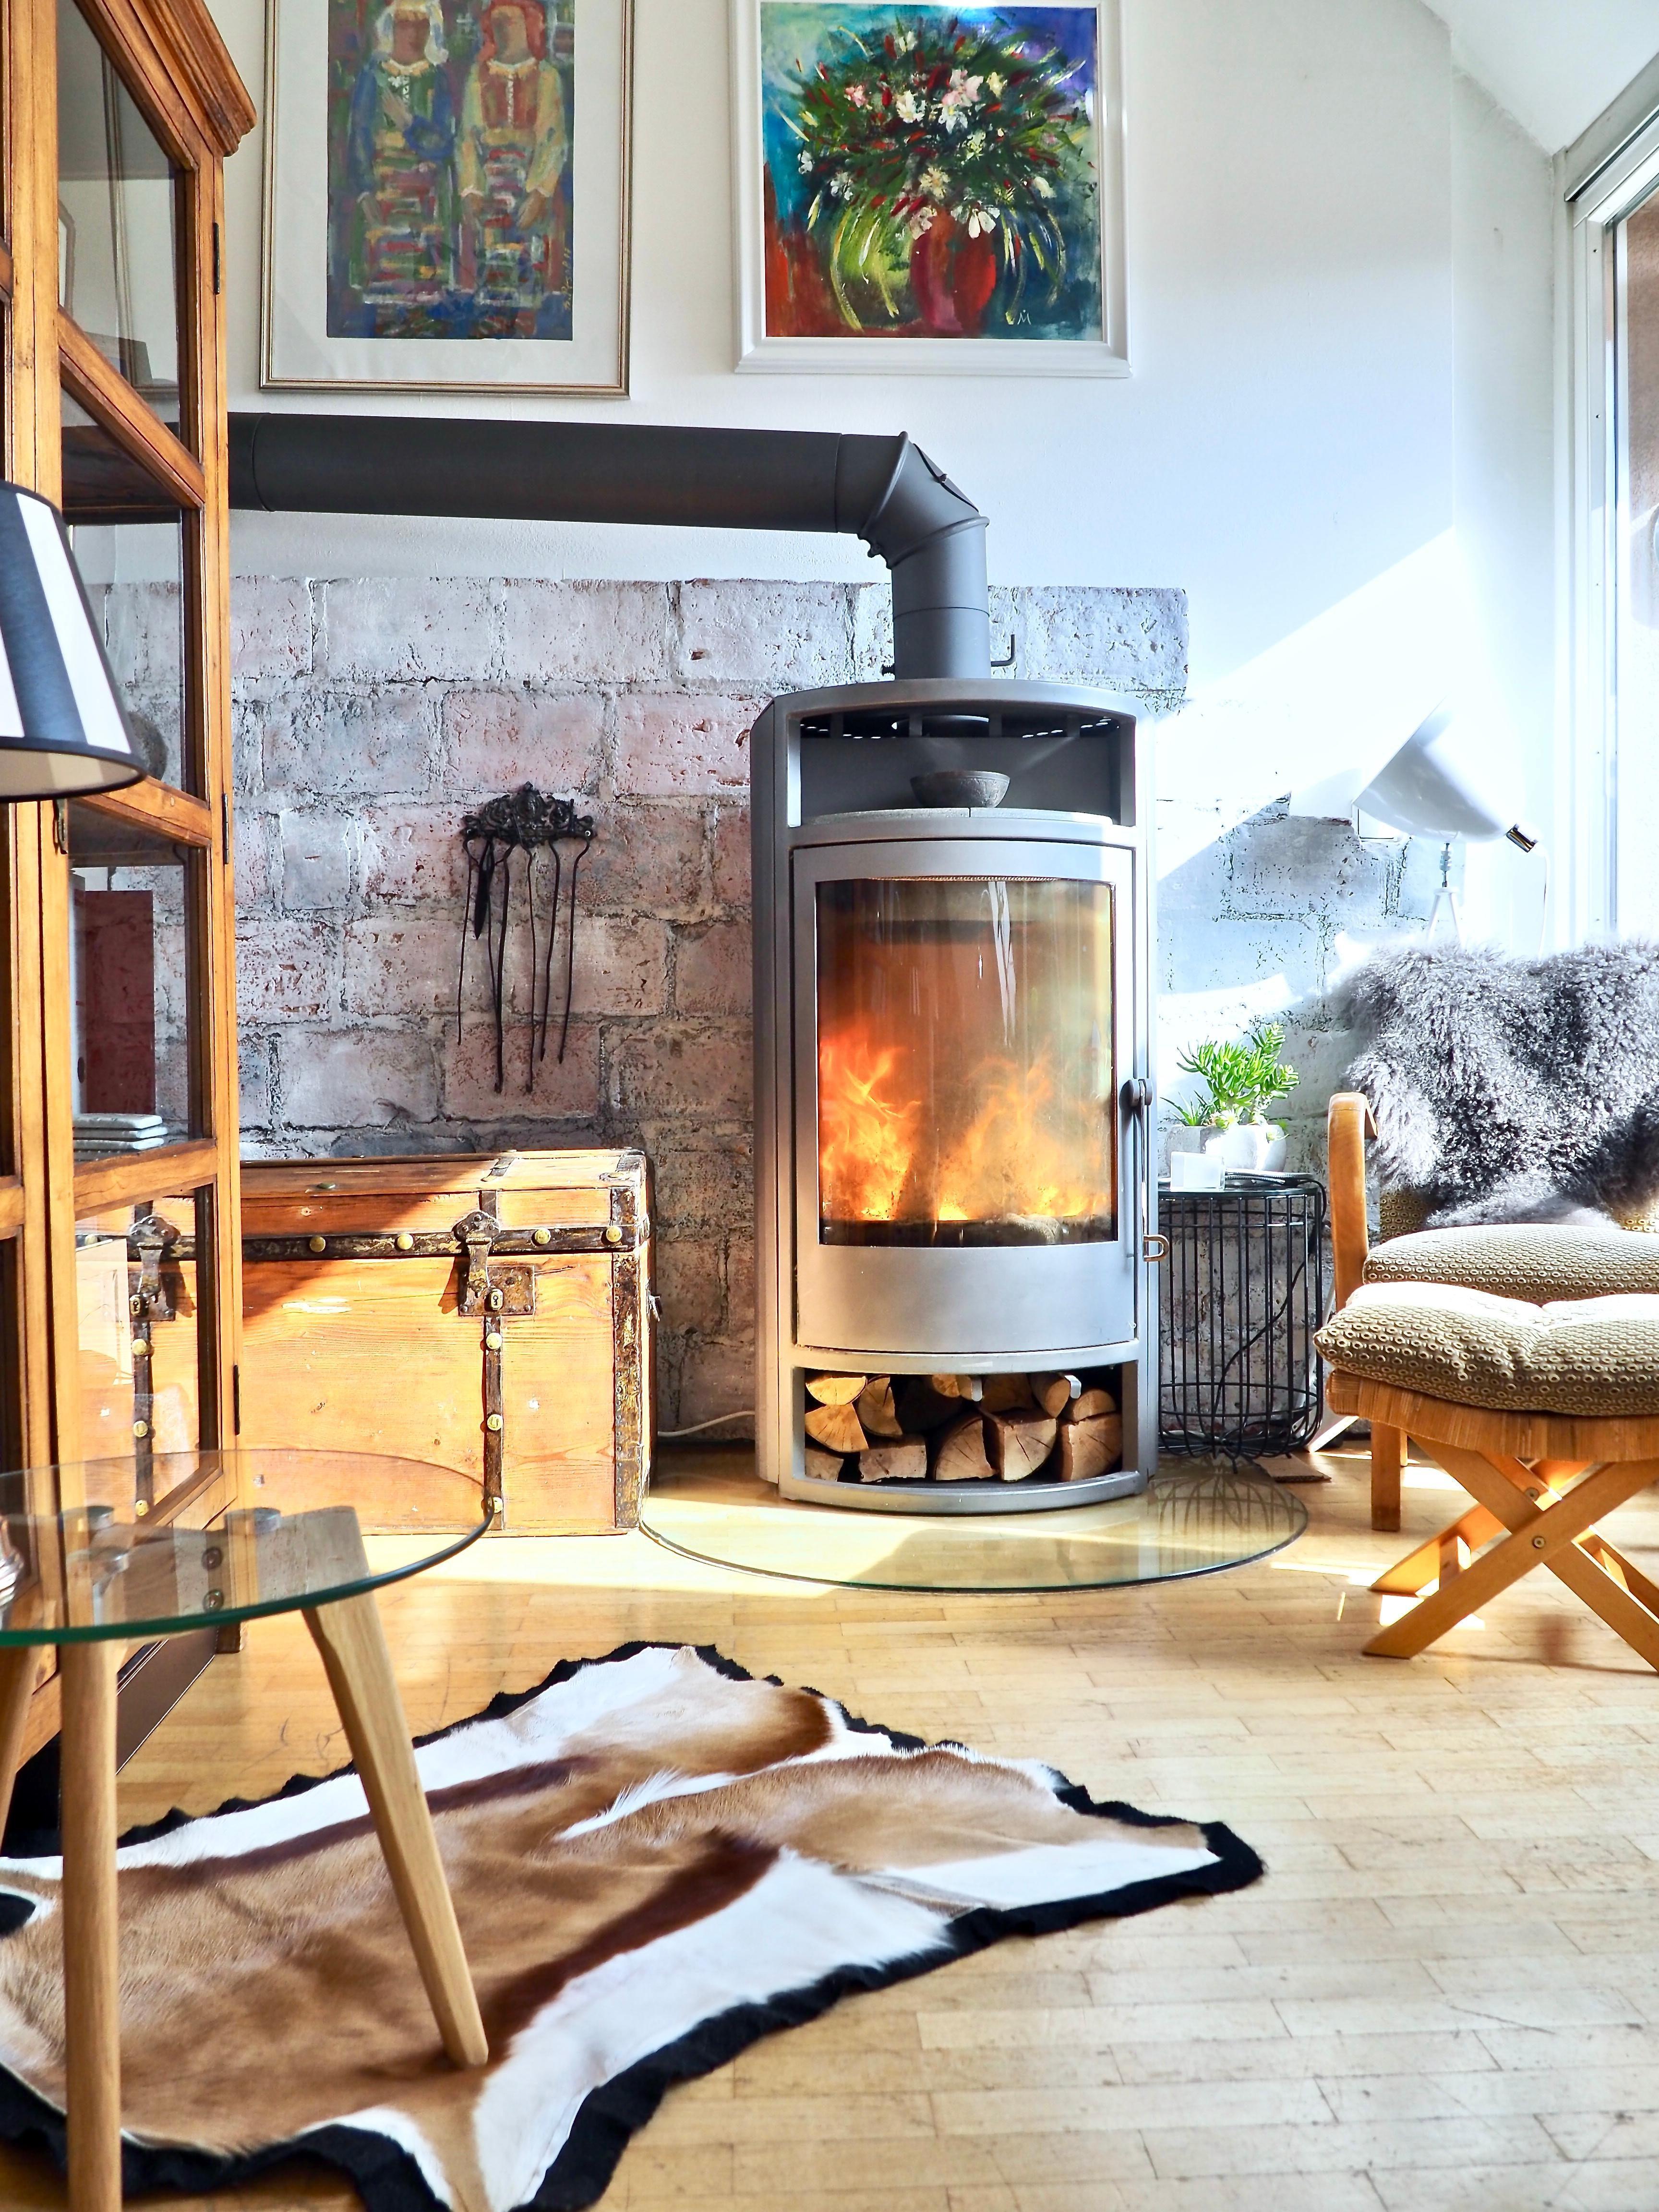 kamin bilder ideen couchstyle kamin wohnzimmer - Wohnzimmer Feuer